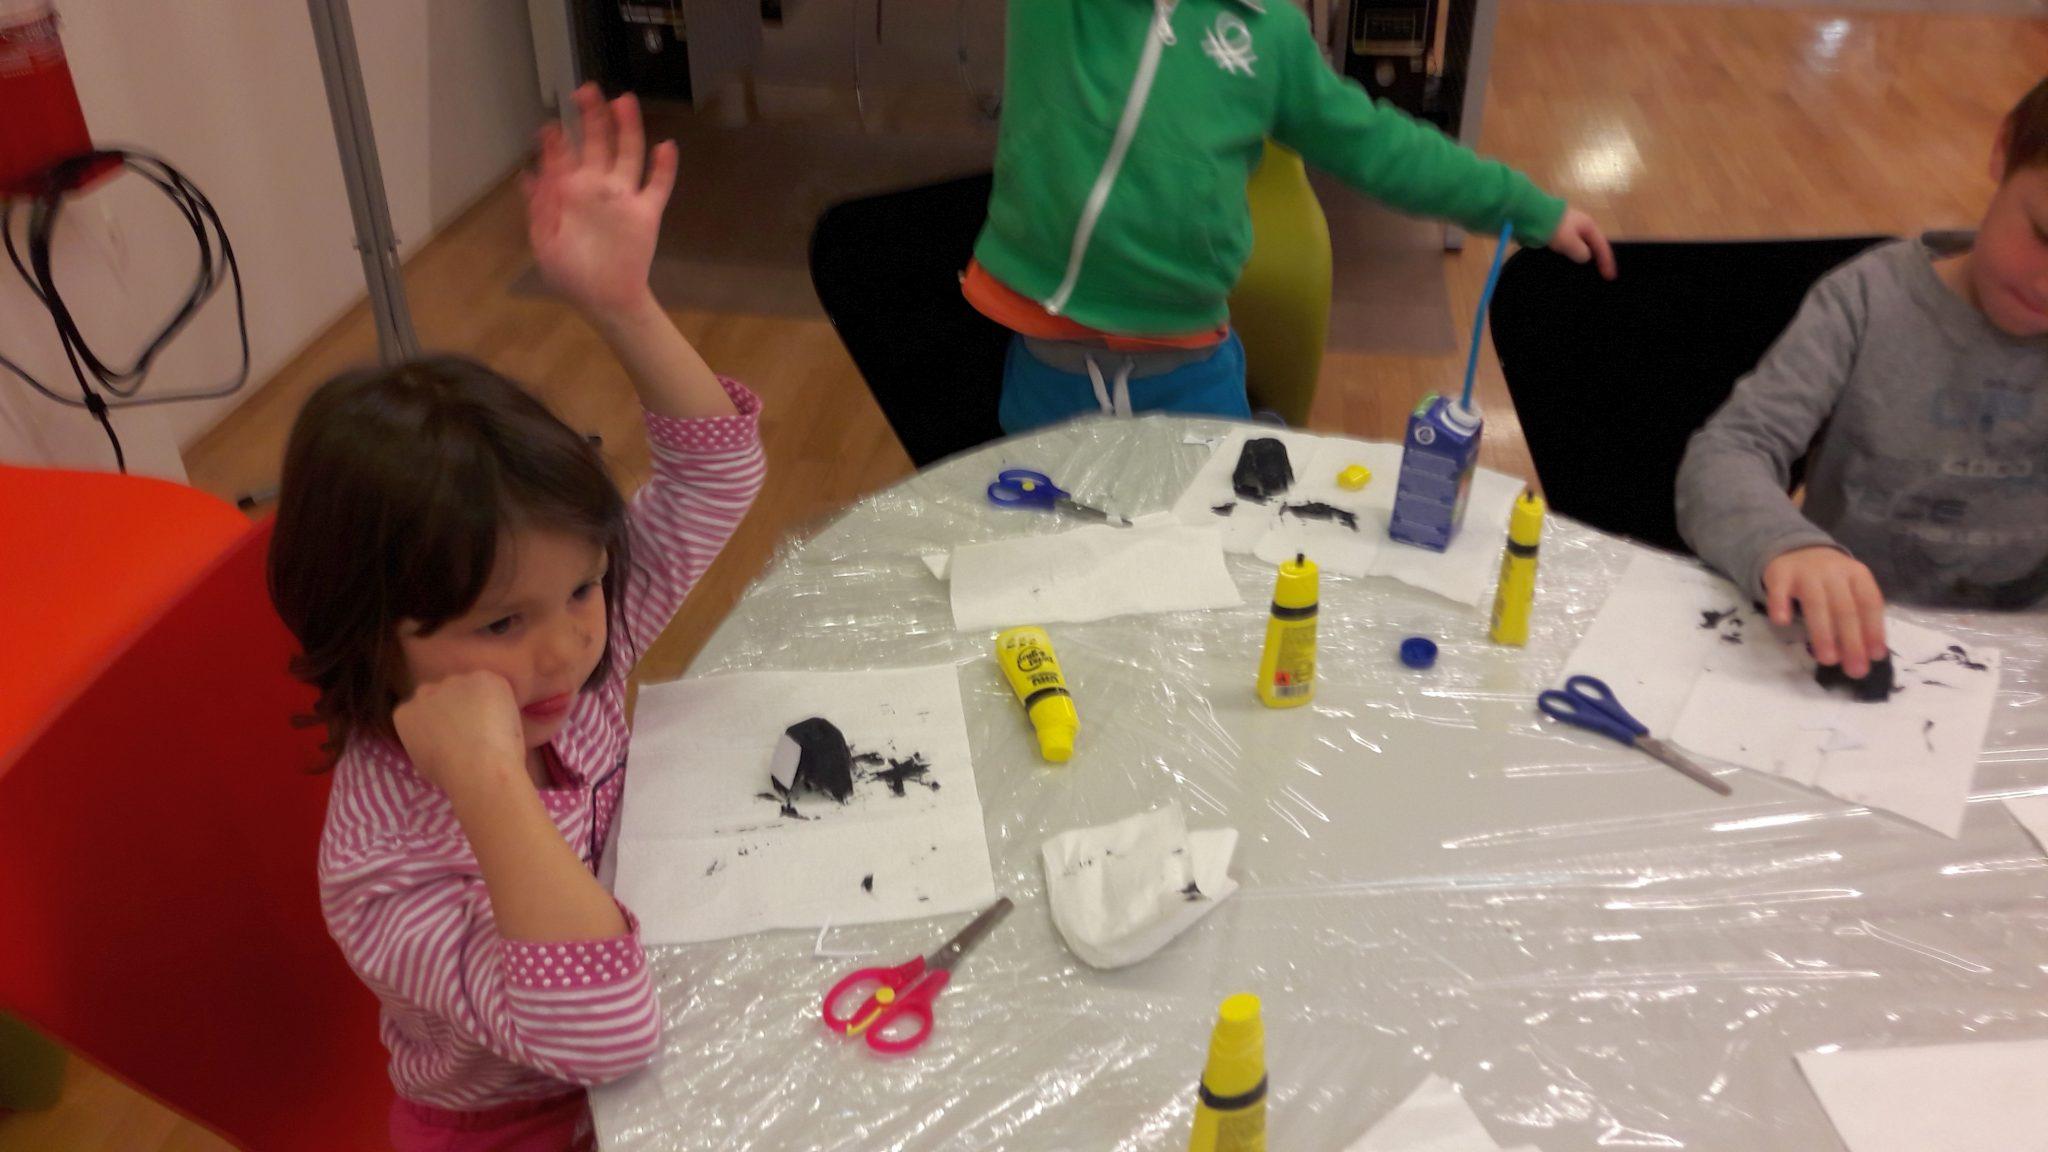 20170116 174657 - Pravljična urica z ustvarjalno delavnico za otroke od 4. leta dalje